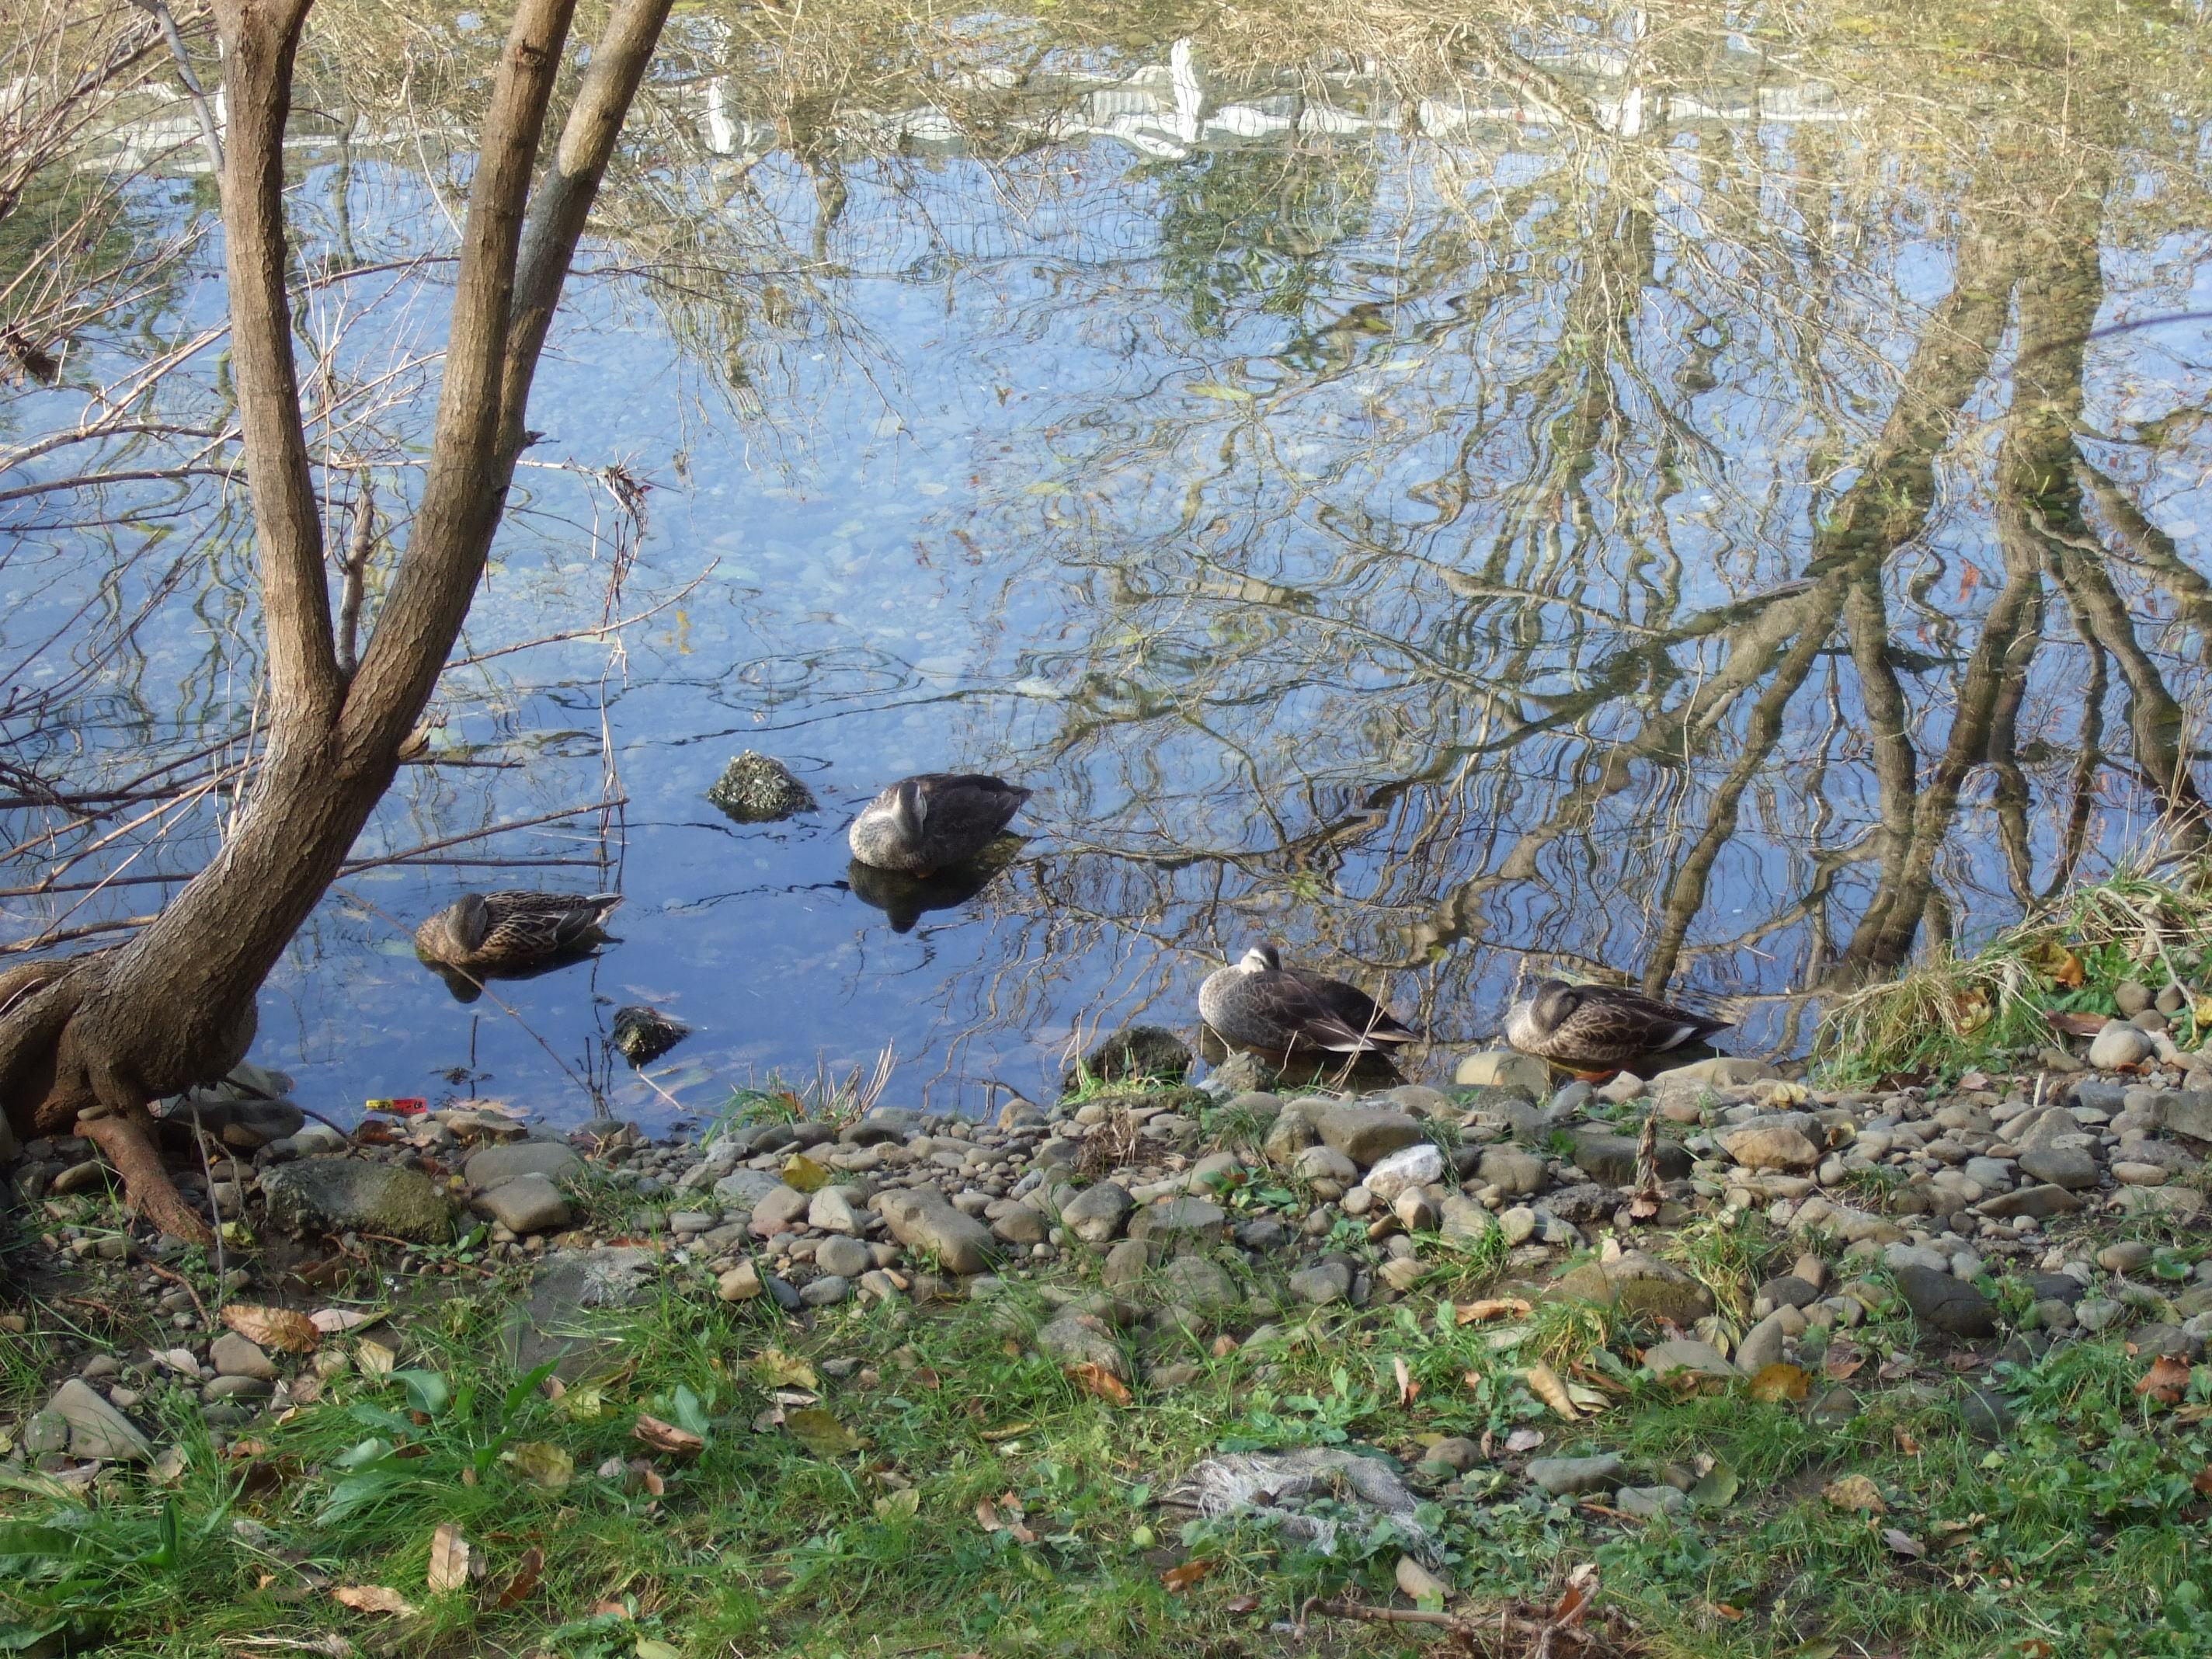 清瀬の森の前の空堀川にはカルガモの群れ。彼らはいつも同じ場所でのんびり日向ぼっこしています。